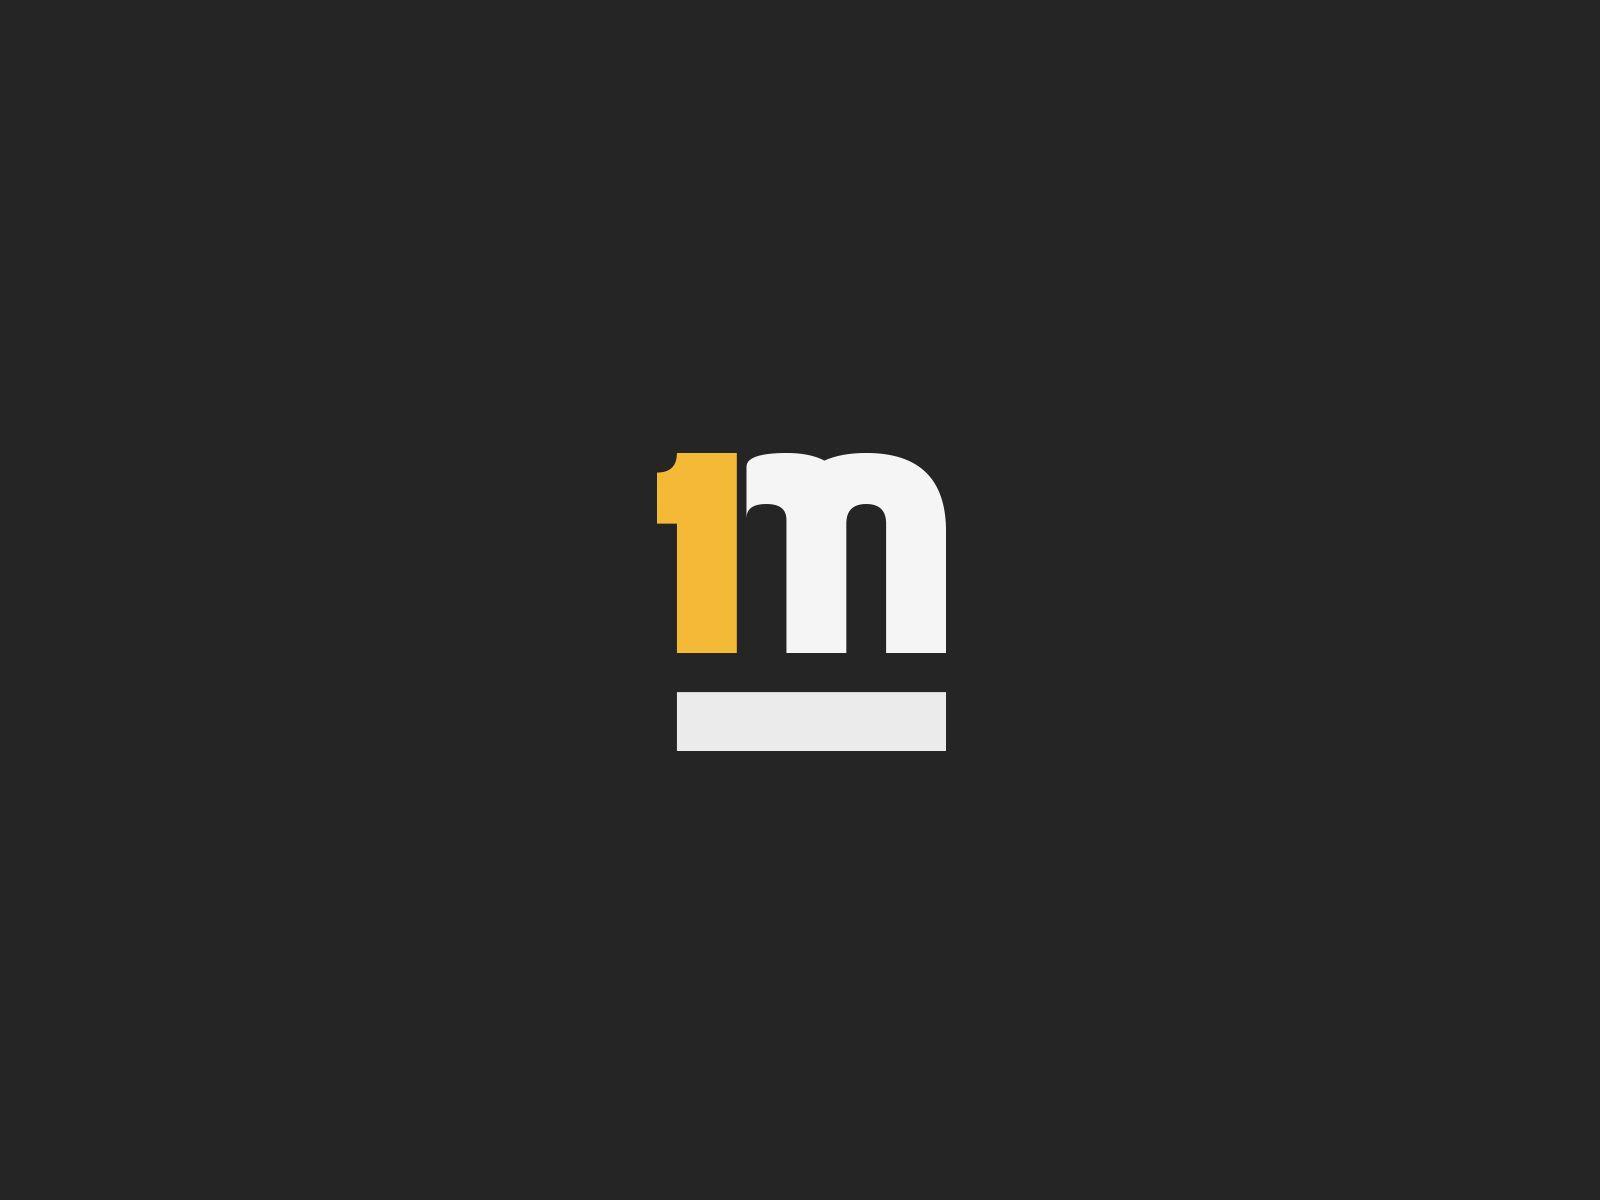 Логотип для агрегатора платежей MobLeaders.com - дизайнер U4po4mak